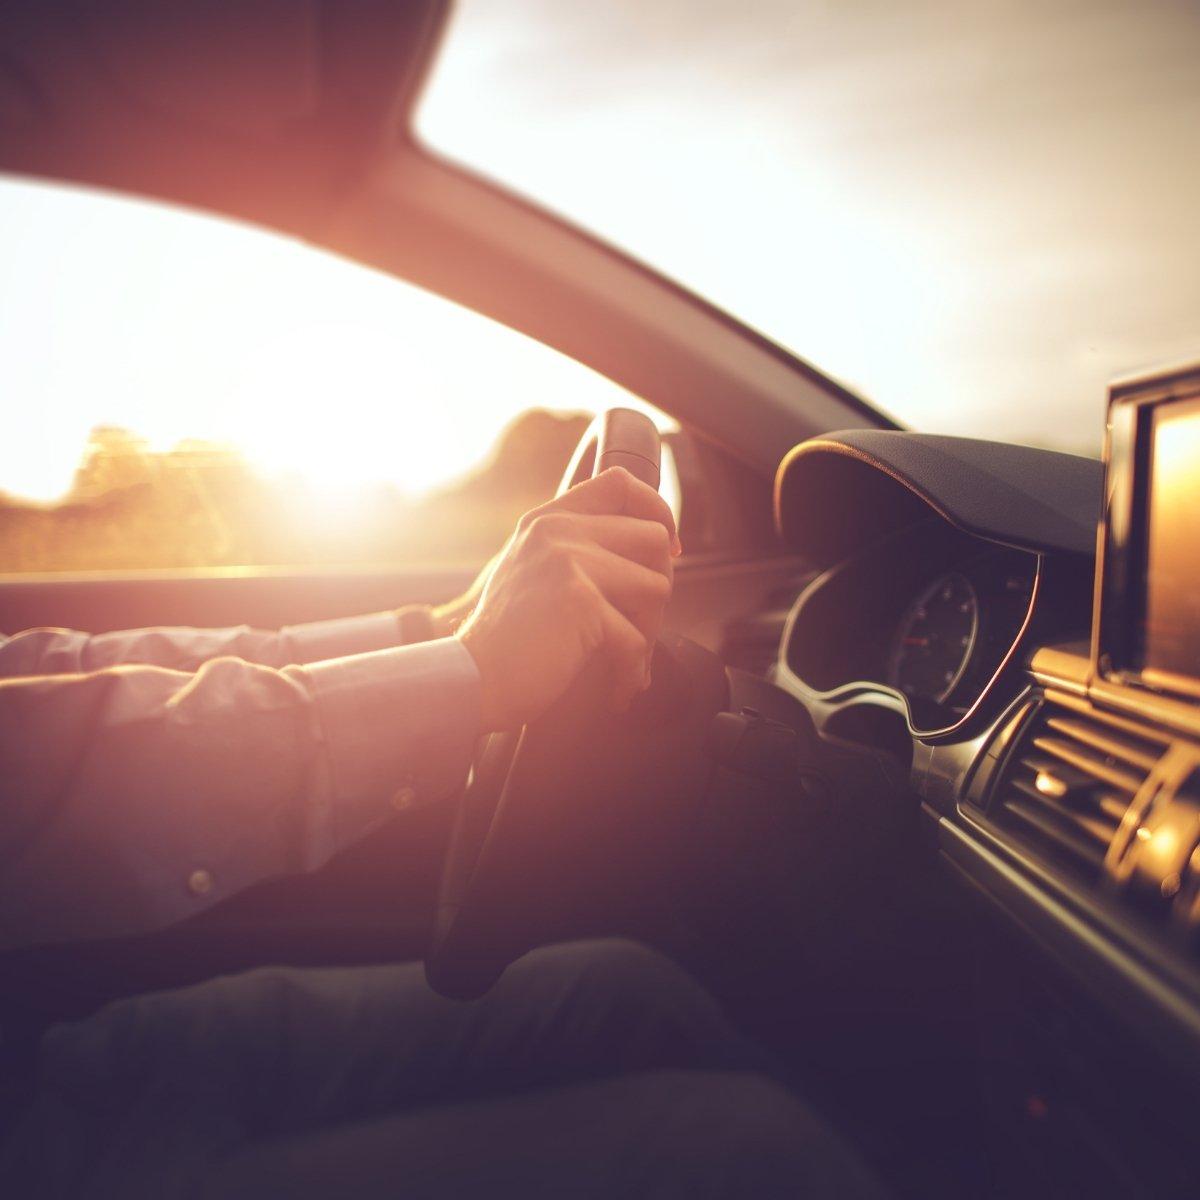 נהיגה בקיץ